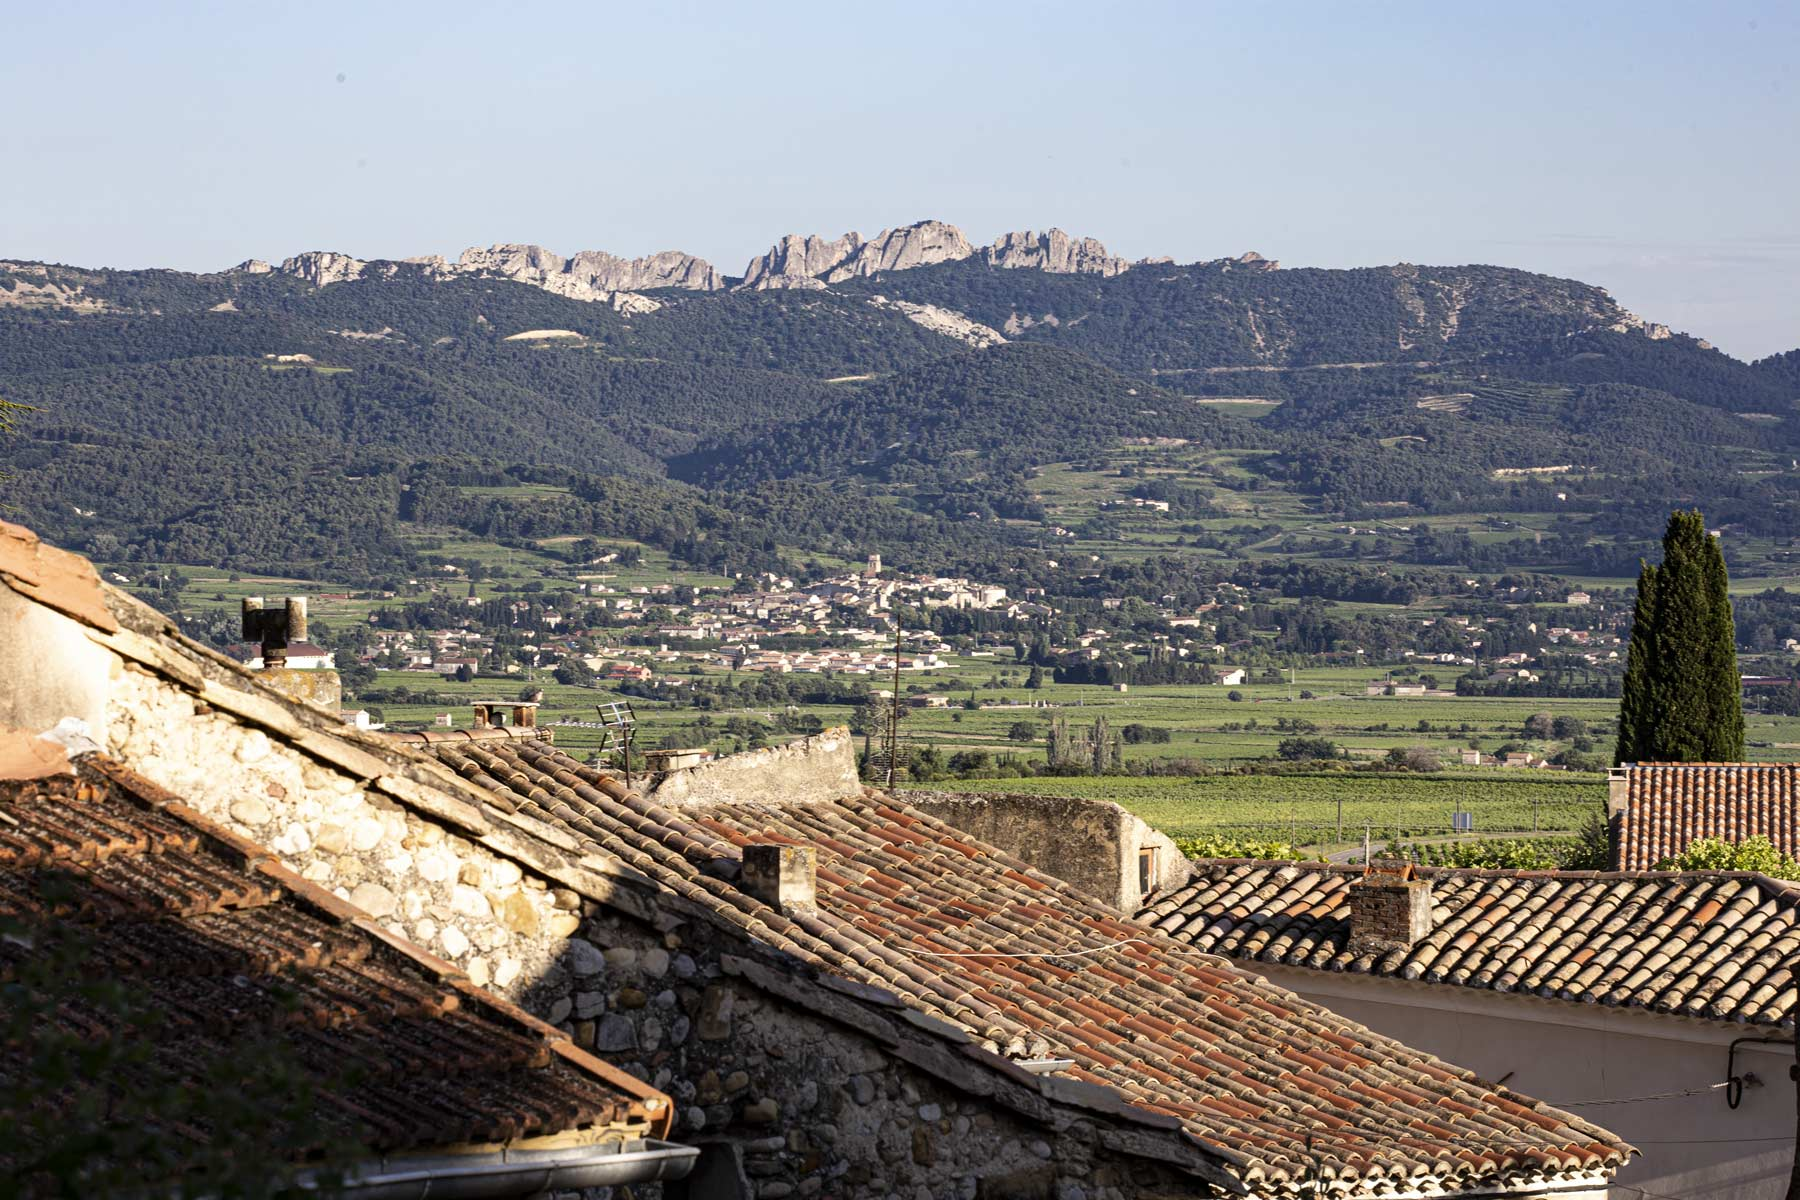 Von Rasteau aus gesehen, ist die Höhe der Weinberge am Fuße der Dentelles gut zu sehen. Im Tal liegt Sablet, ein Dorf mit Weinen eines vollkommen anderen Charakters. Dort hat die Ouvèze Sand (Sable) abgelagert, der den Weinen seine Mineralität verleiht.